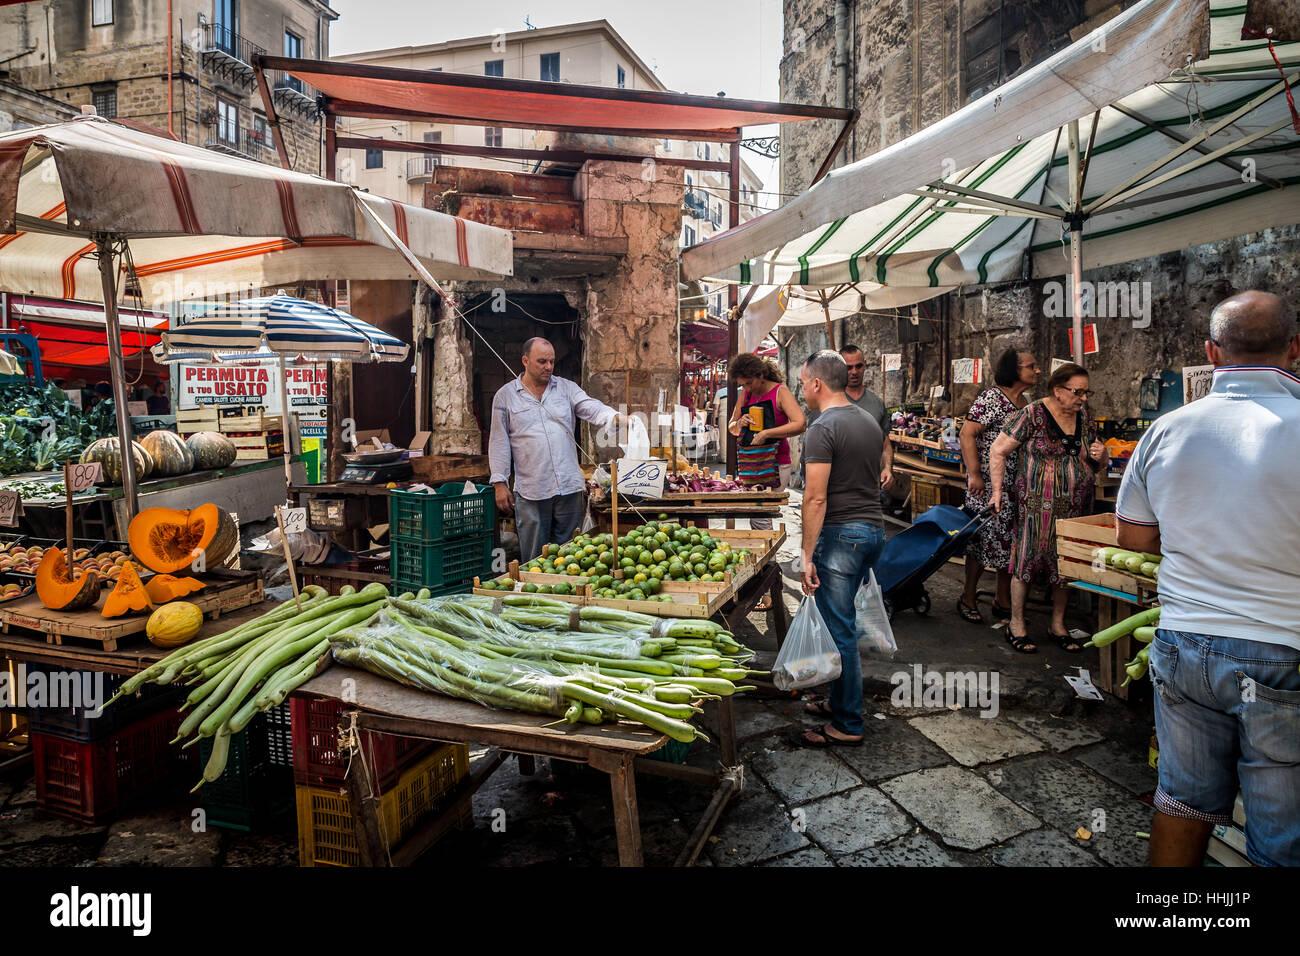 Calado de verduras en el mercado Ballaro, Palermo, Sicilia Imagen De Stock